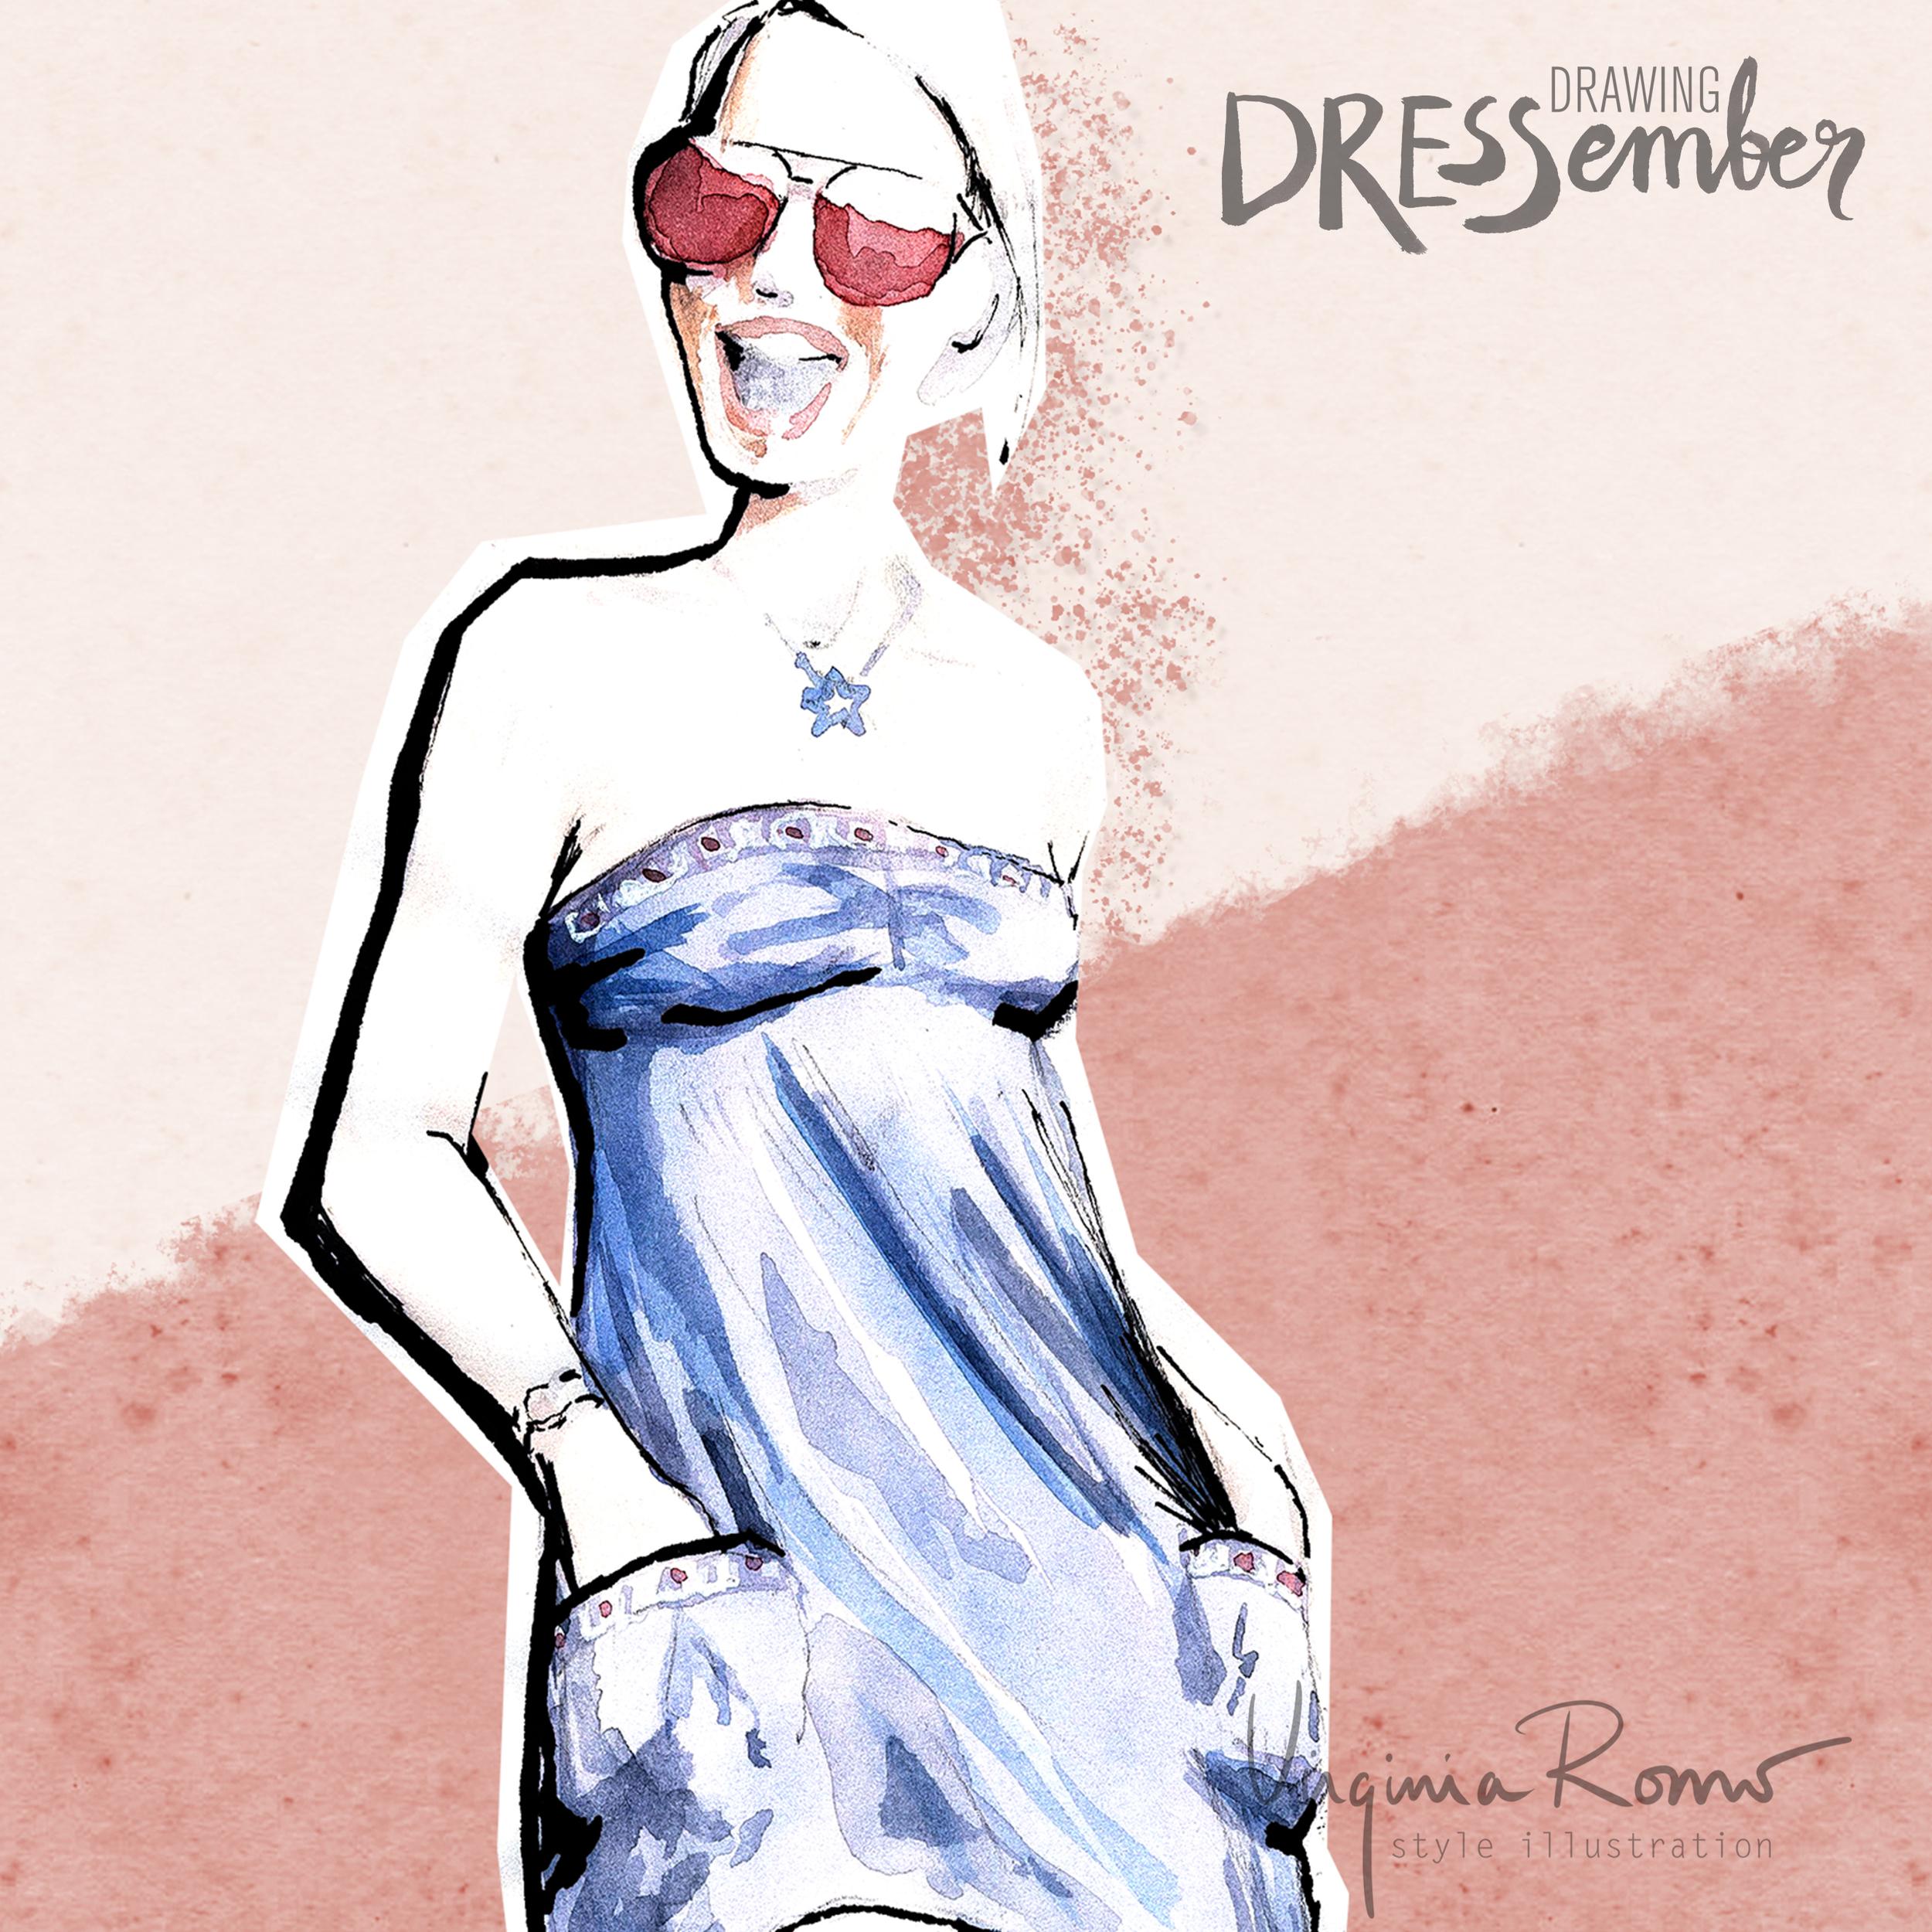 dressember-VirginiaRomoIllustration-08-Camilla-IG-big.jpg